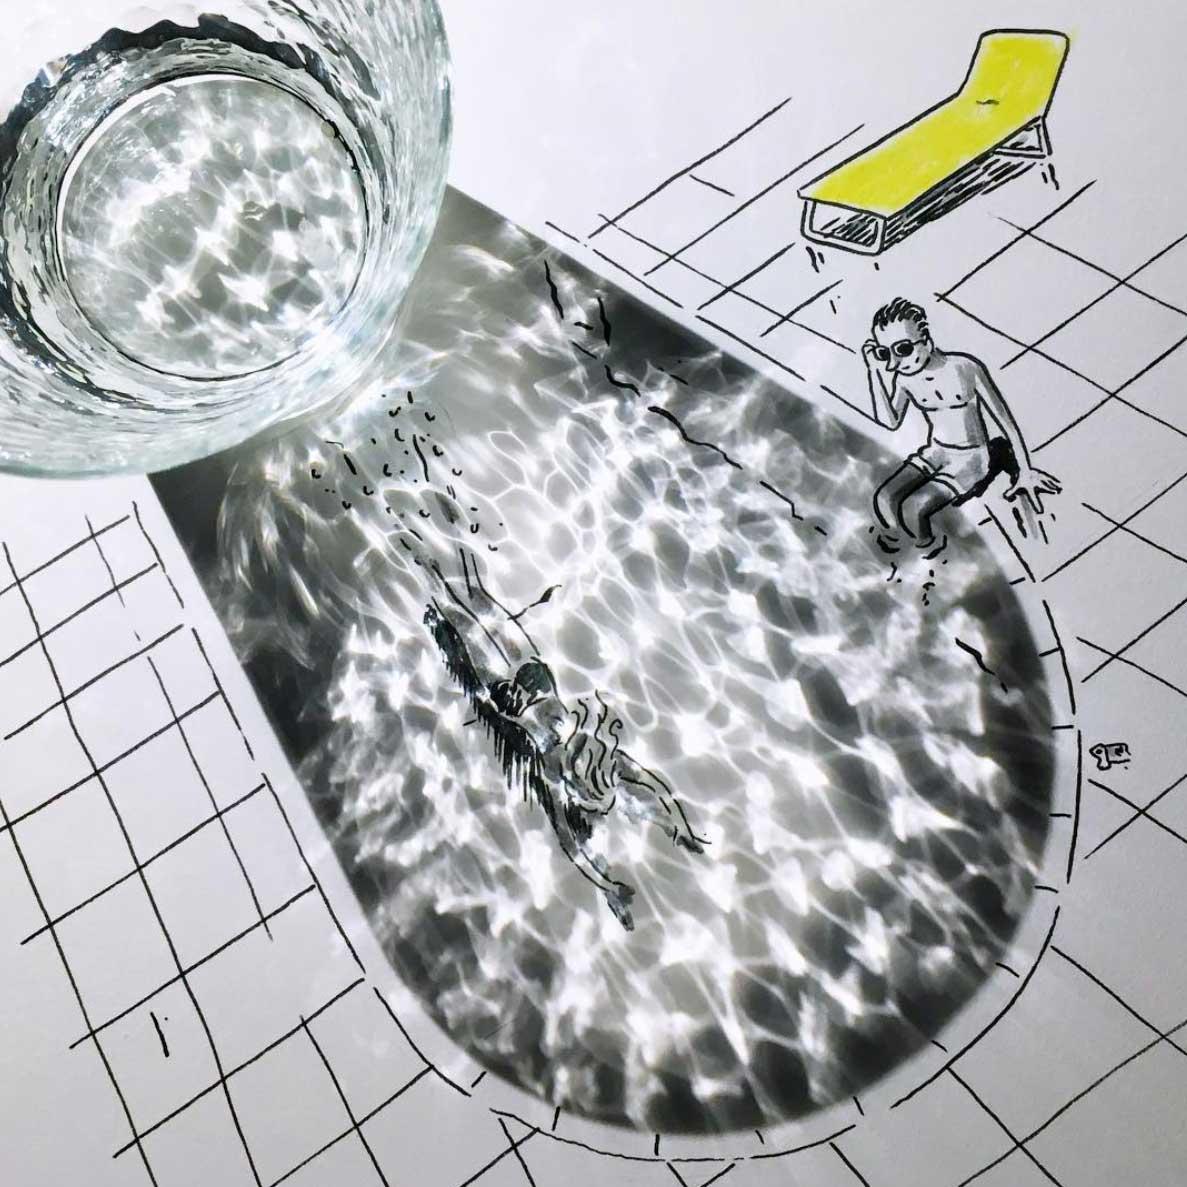 Neue Schatten-Zeichnungen von Vincent Bal Vincent-Bal-Schattenzeichnungen-2019_03